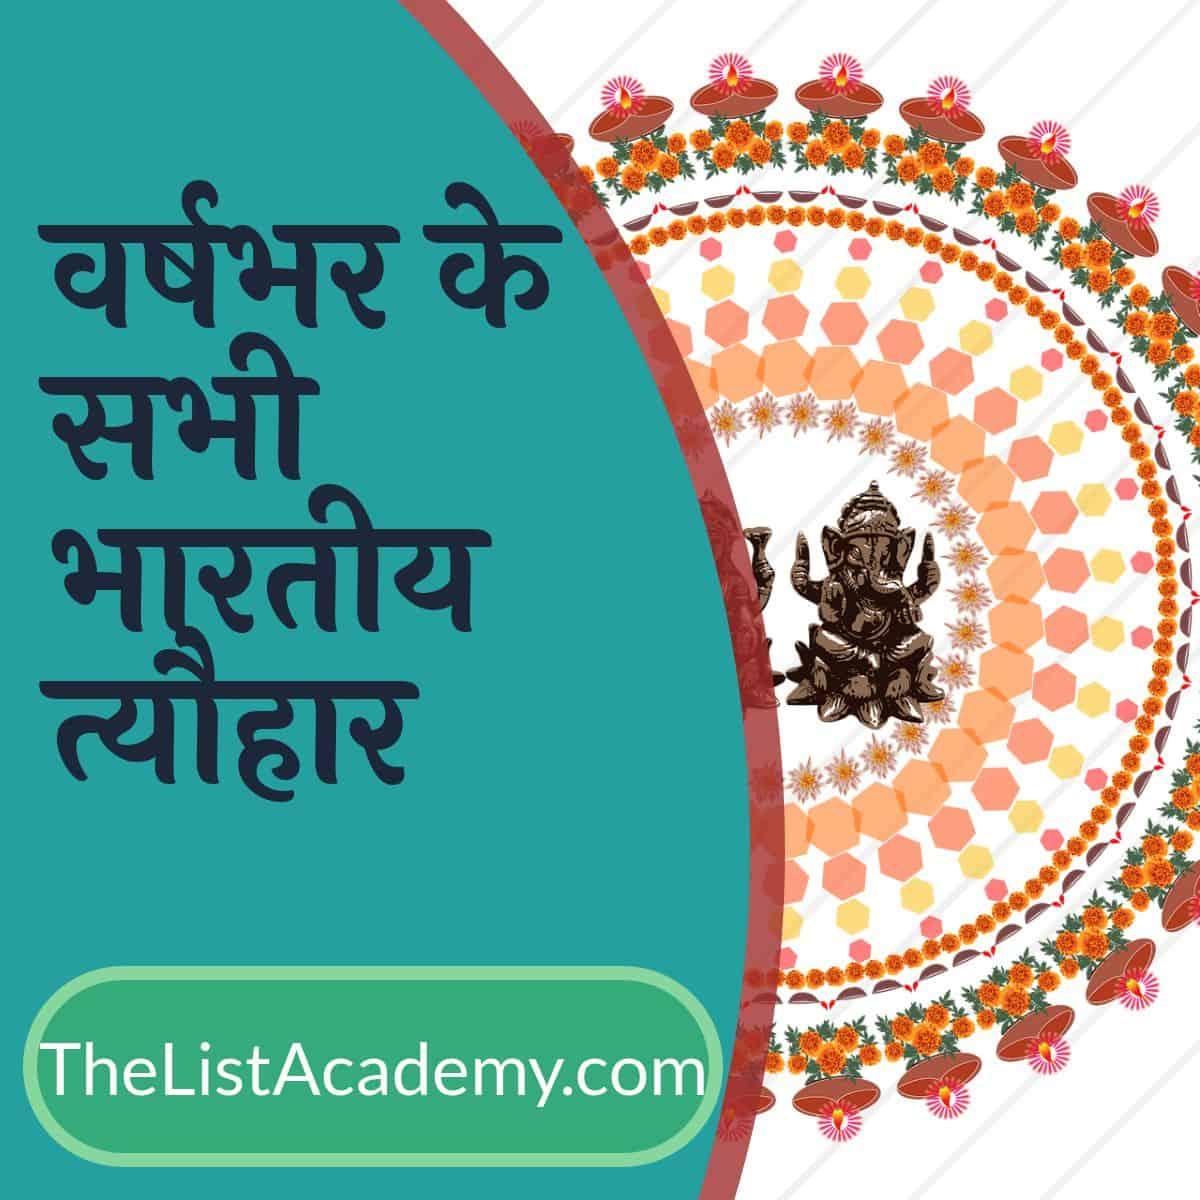 वर्षभर के सभी भारतीय त्यौहार